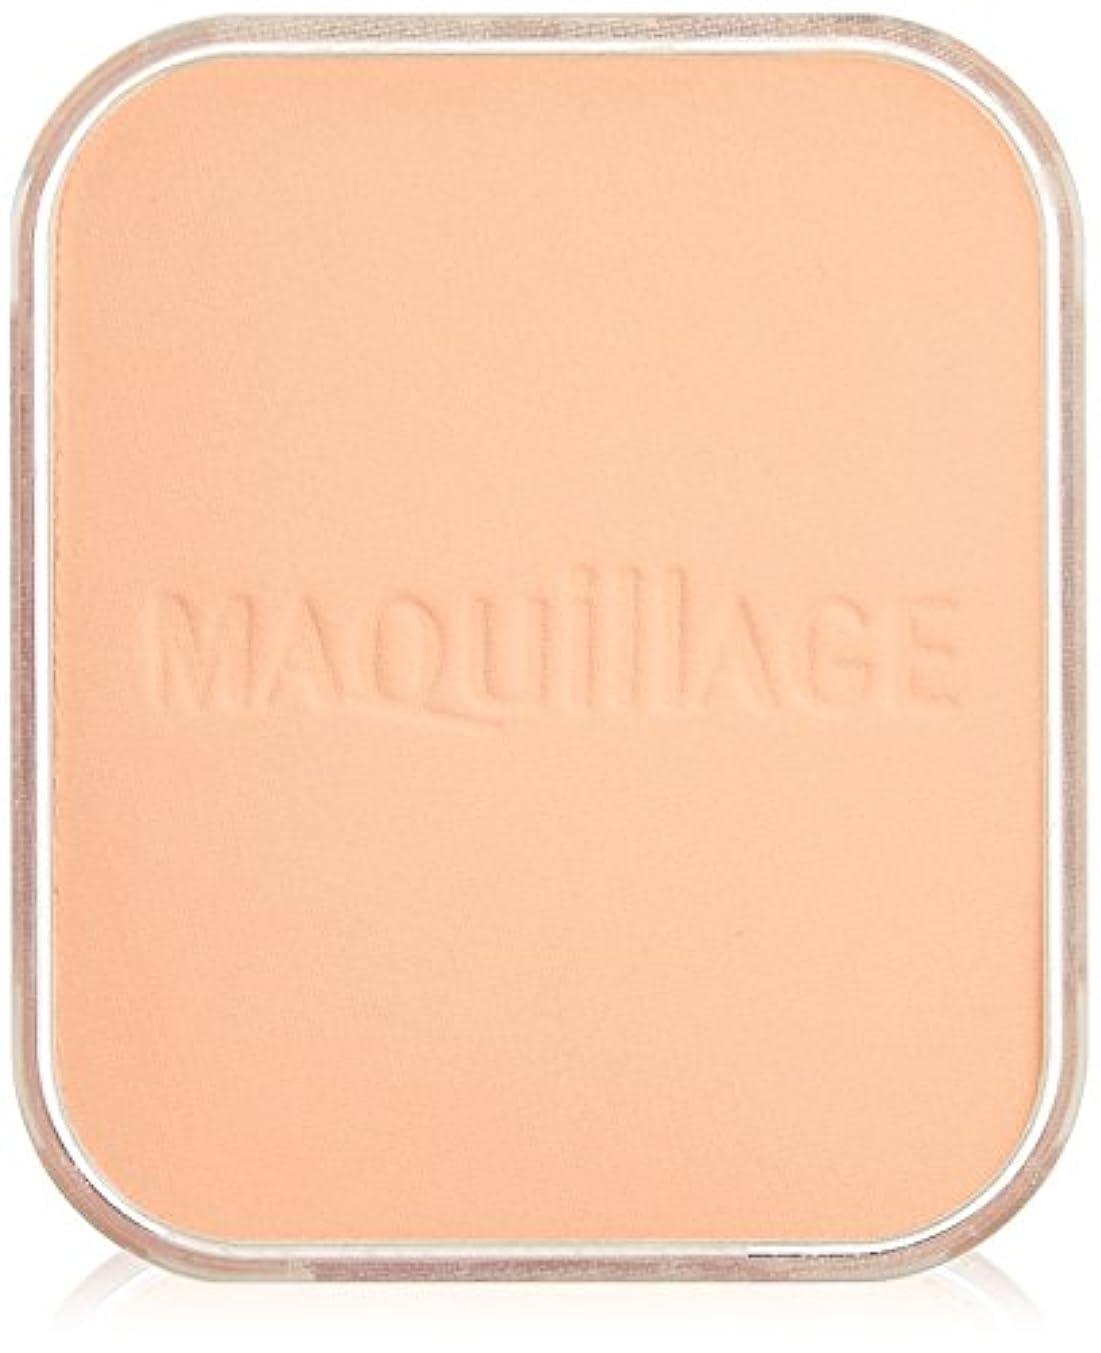 アダルト封建の間にマキアージュ ライティング ホワイトパウダリー UV オークル20 (レフィル) (SPF25?PA++) 10g